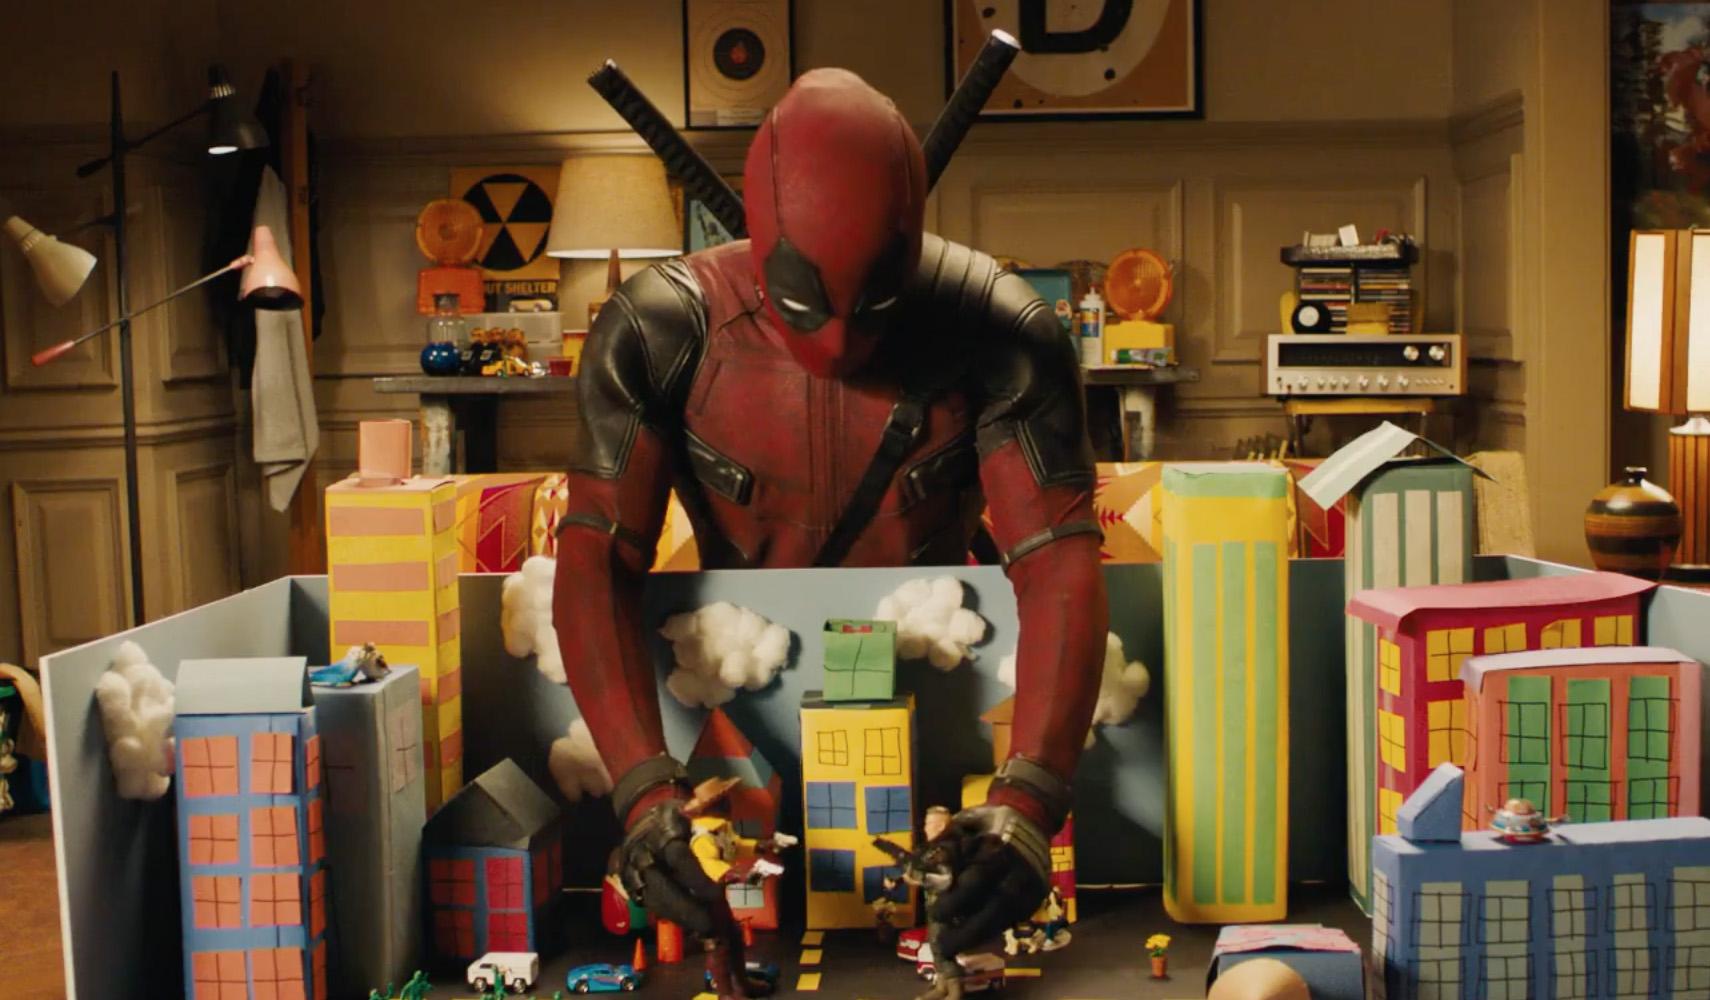 Ecco il nuovo trailer di Deadpool 2 doppiato in italiano!